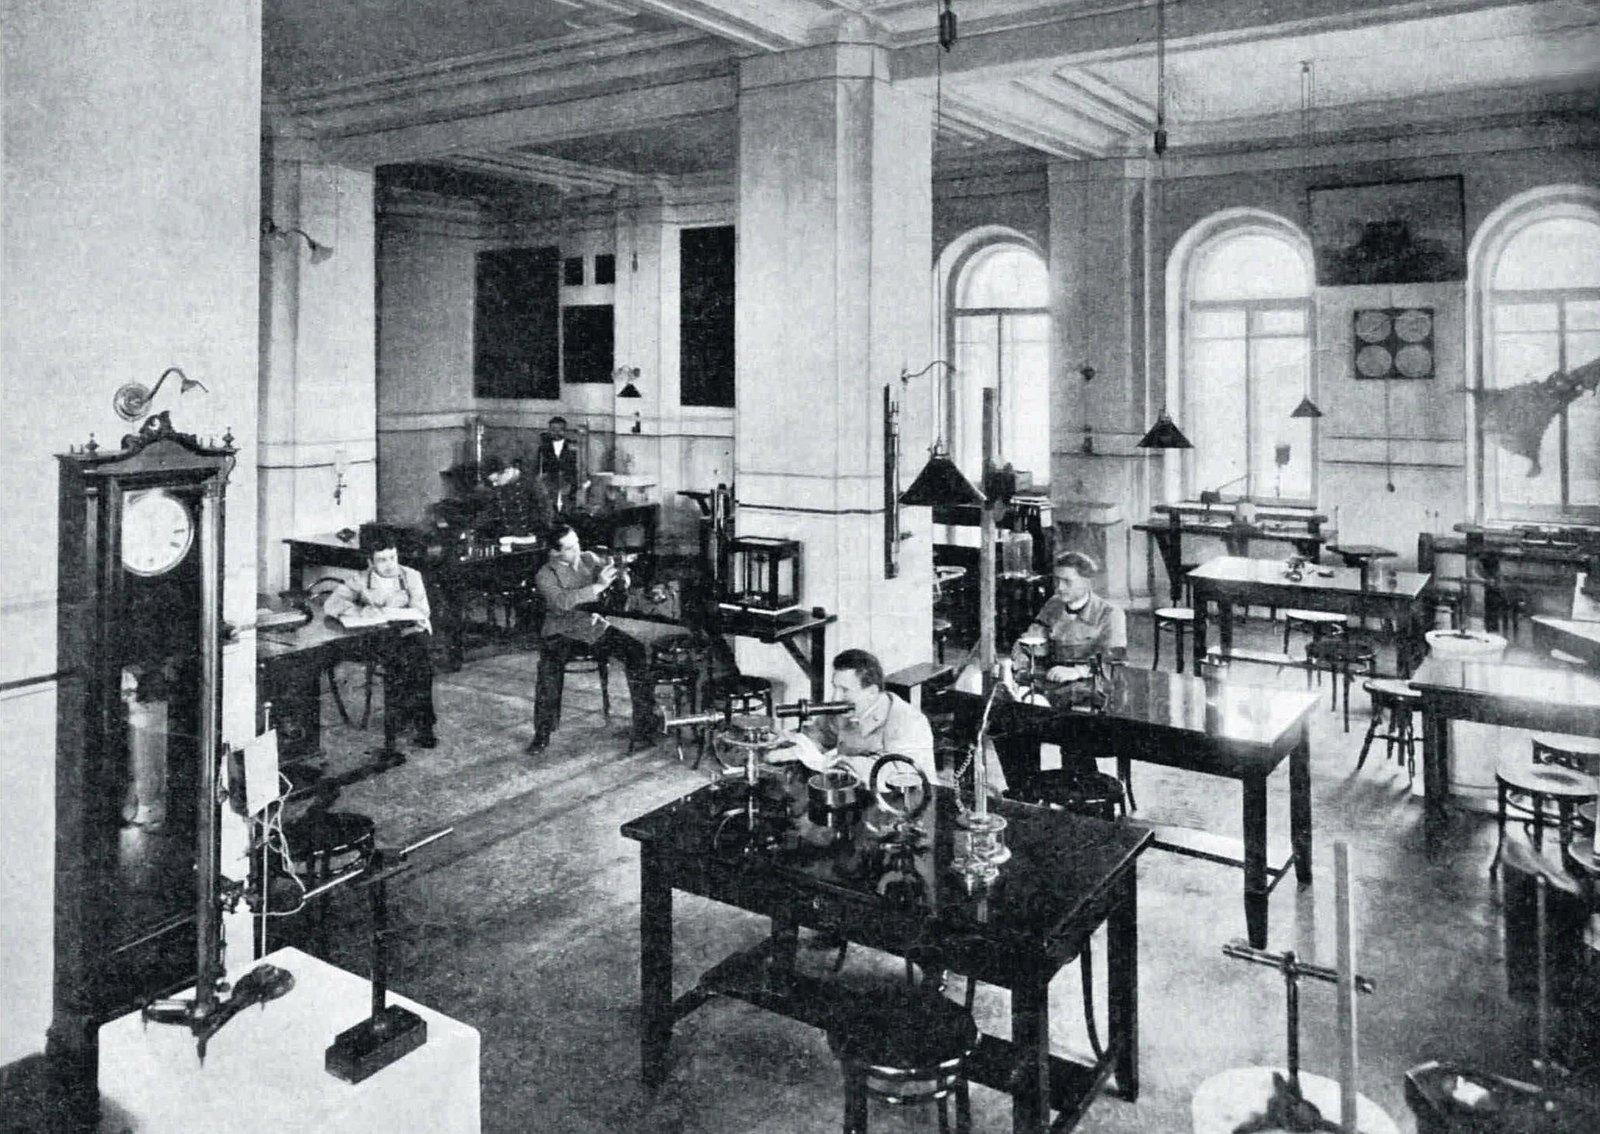 1915. Физический институт при Петербургском университете. Студенты на лабораторной занятиях.